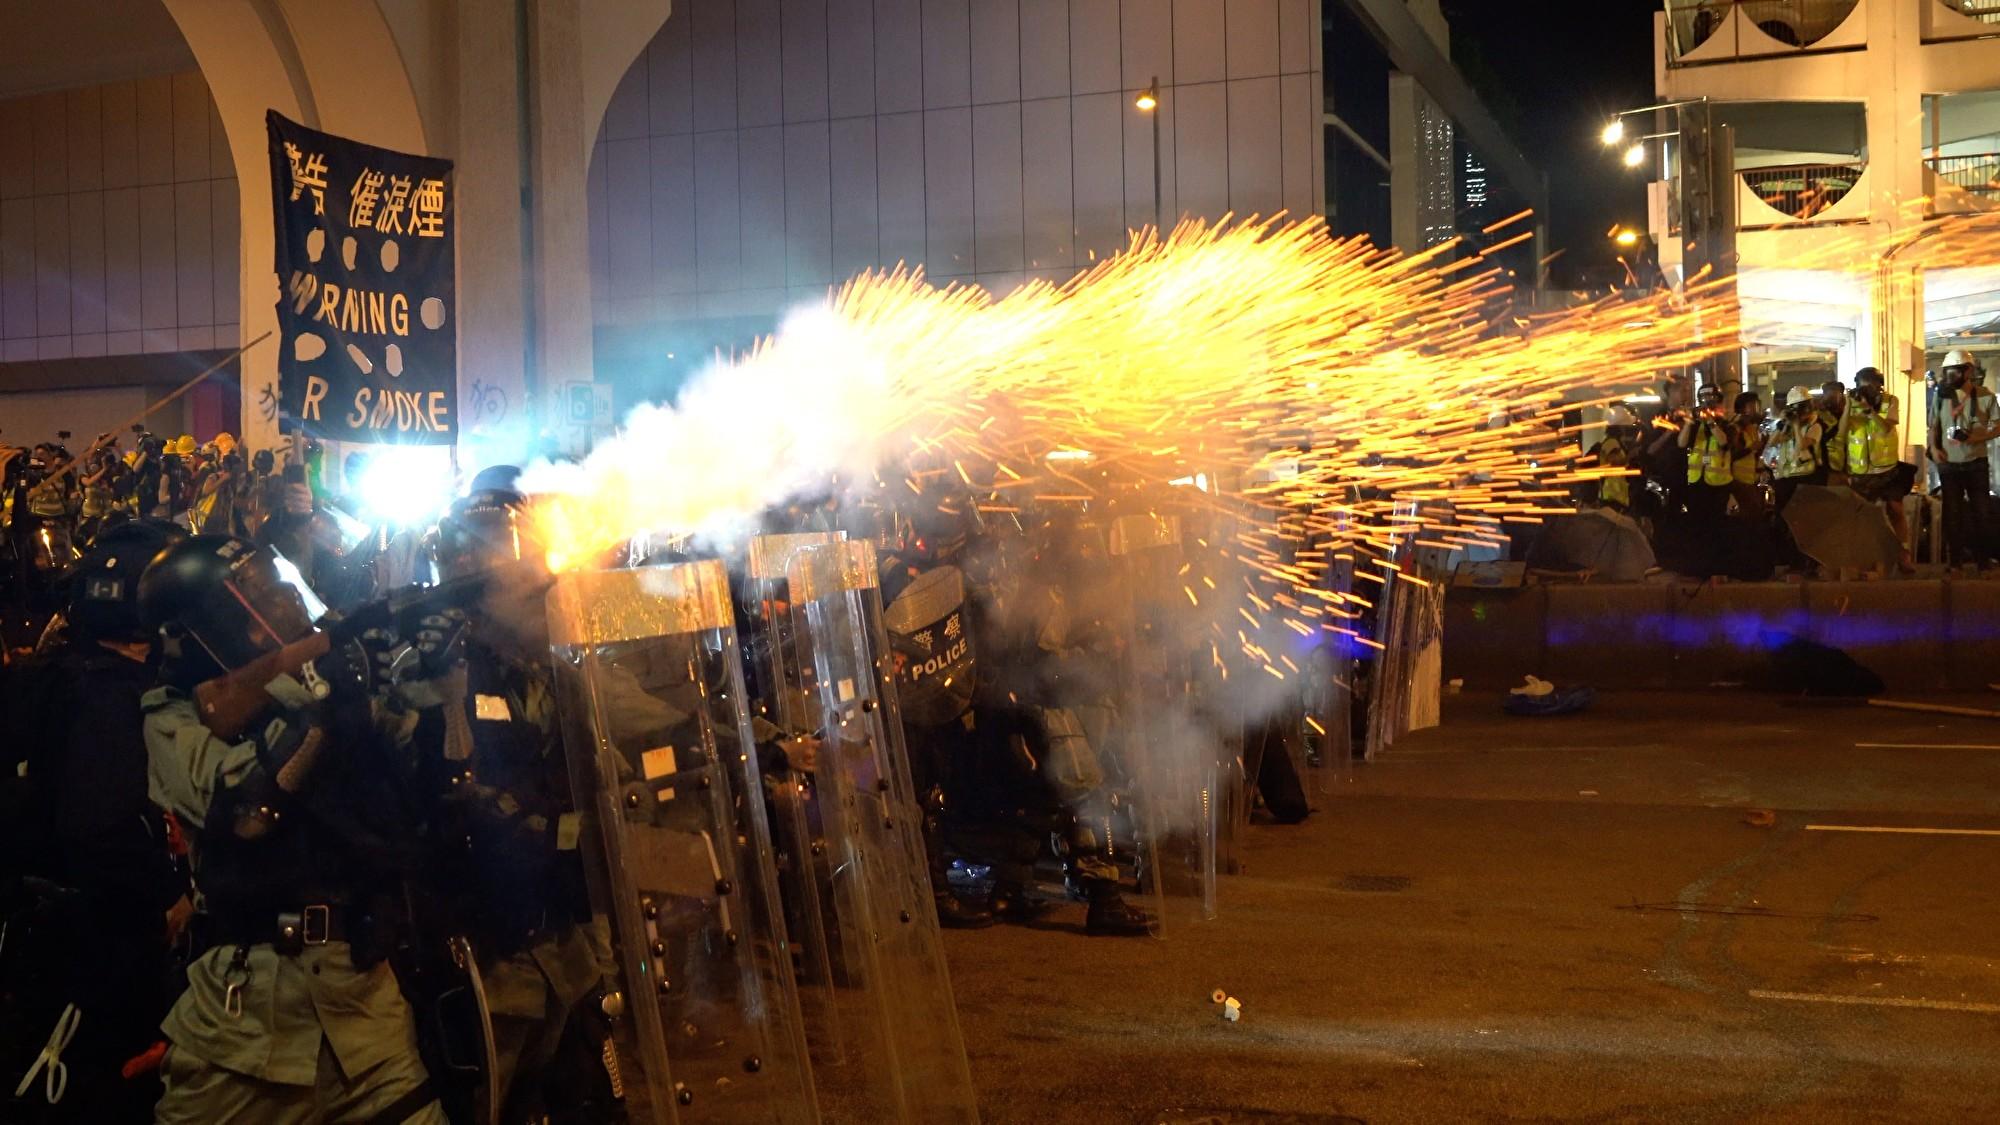 7月28日入夜,在香港西環,警民爆激烈衝突。港警多次施放催淚彈等驅趕示威者。(李逸/大紀元)